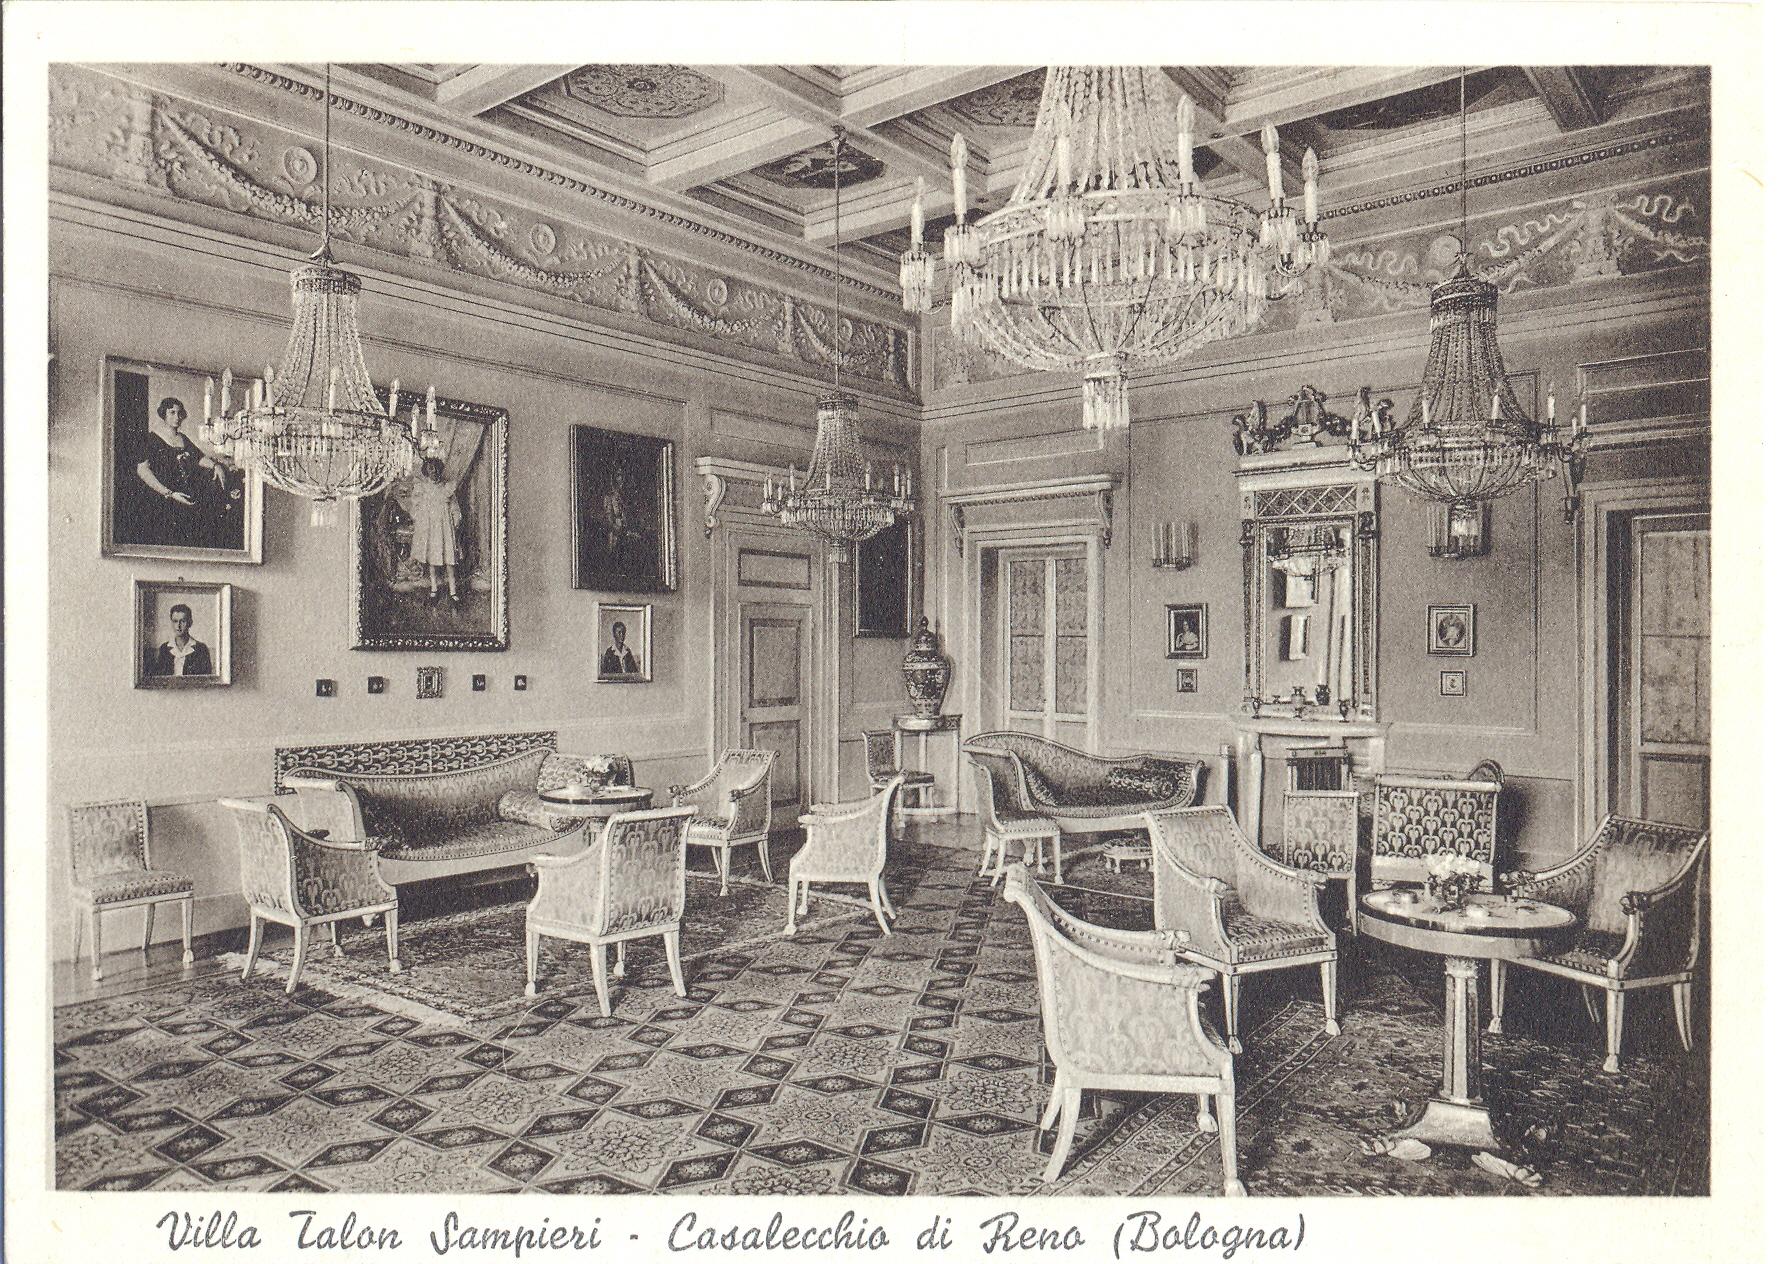 La villa Sampieri Talon, una sala (Archivio fotografico Biblioteca C. Pavese)